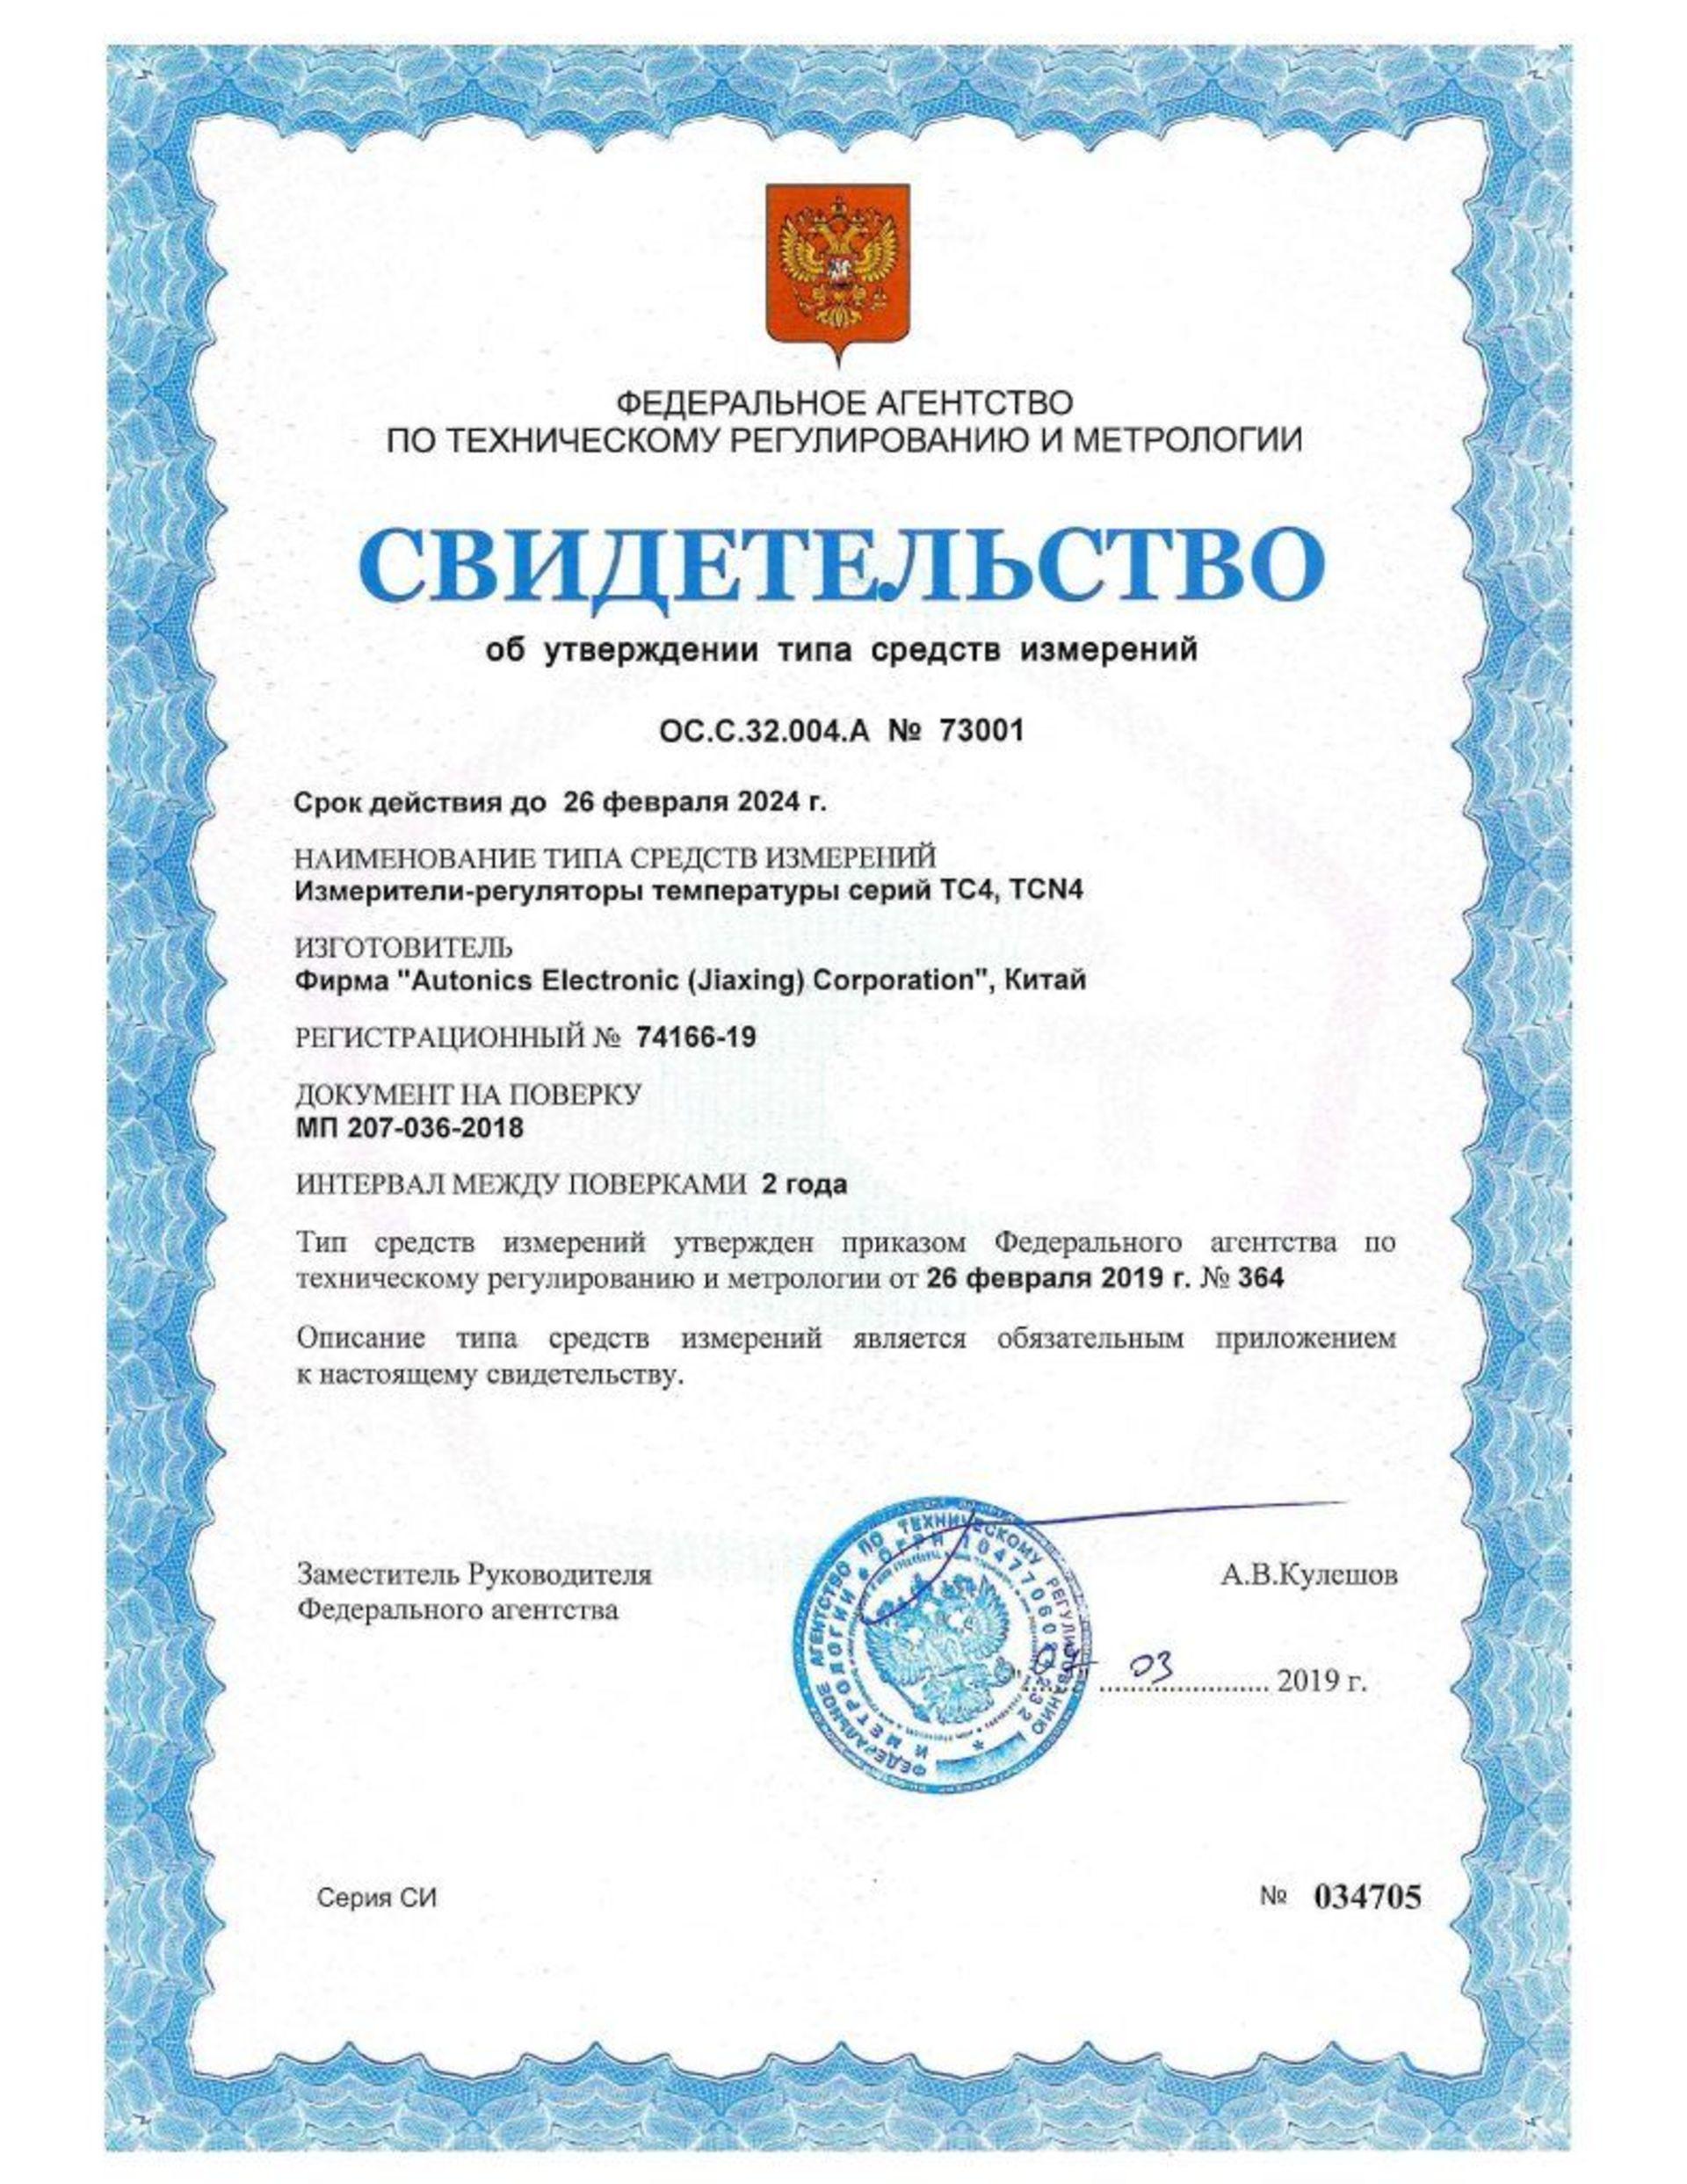 ОС.С.32.004. А №73001